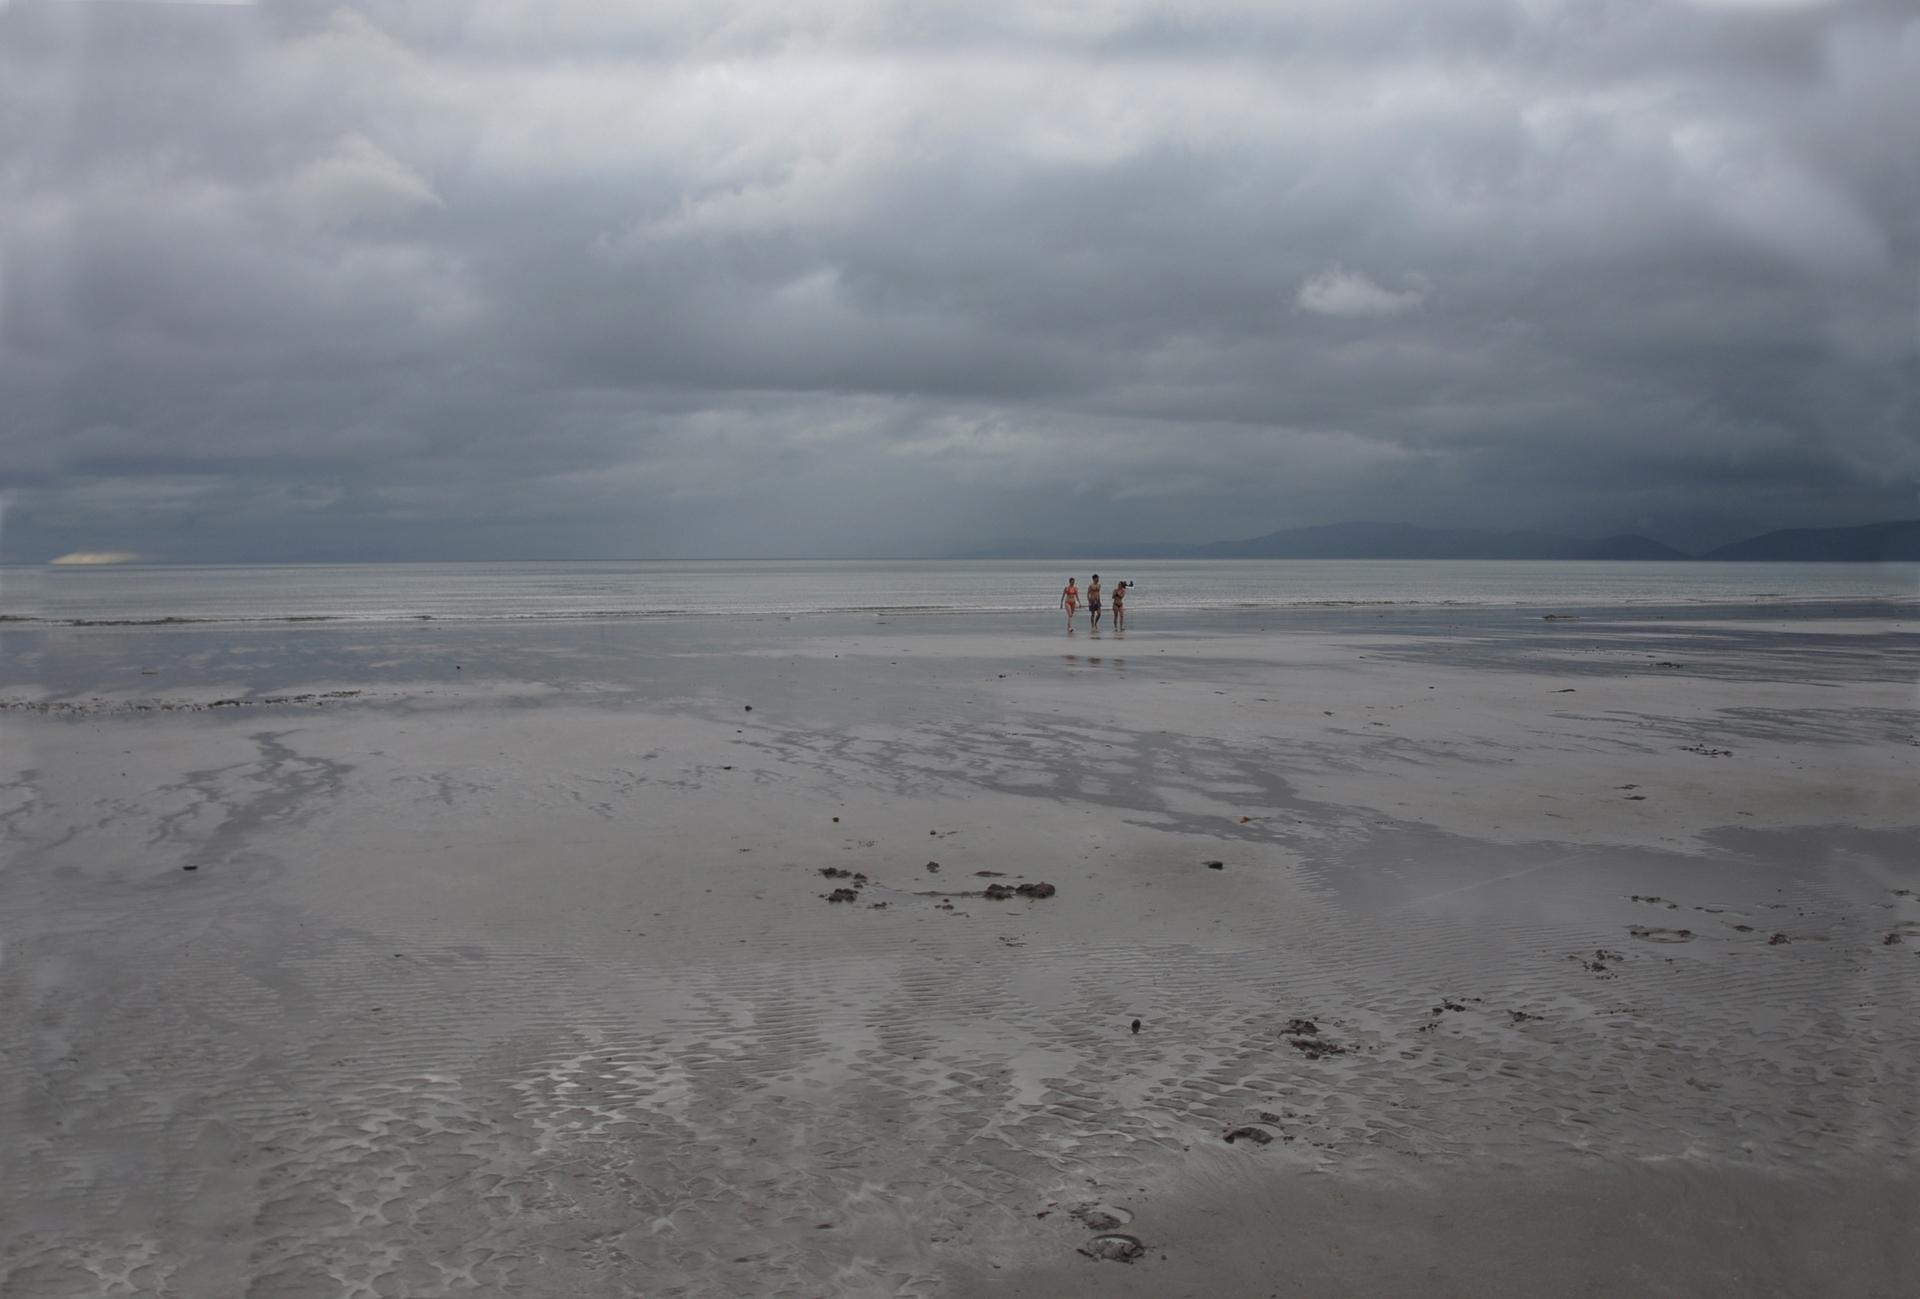 אפור - חוף - ים אירלנד - יואל שתרוג - אדמה יוצרת - yoel sitruk